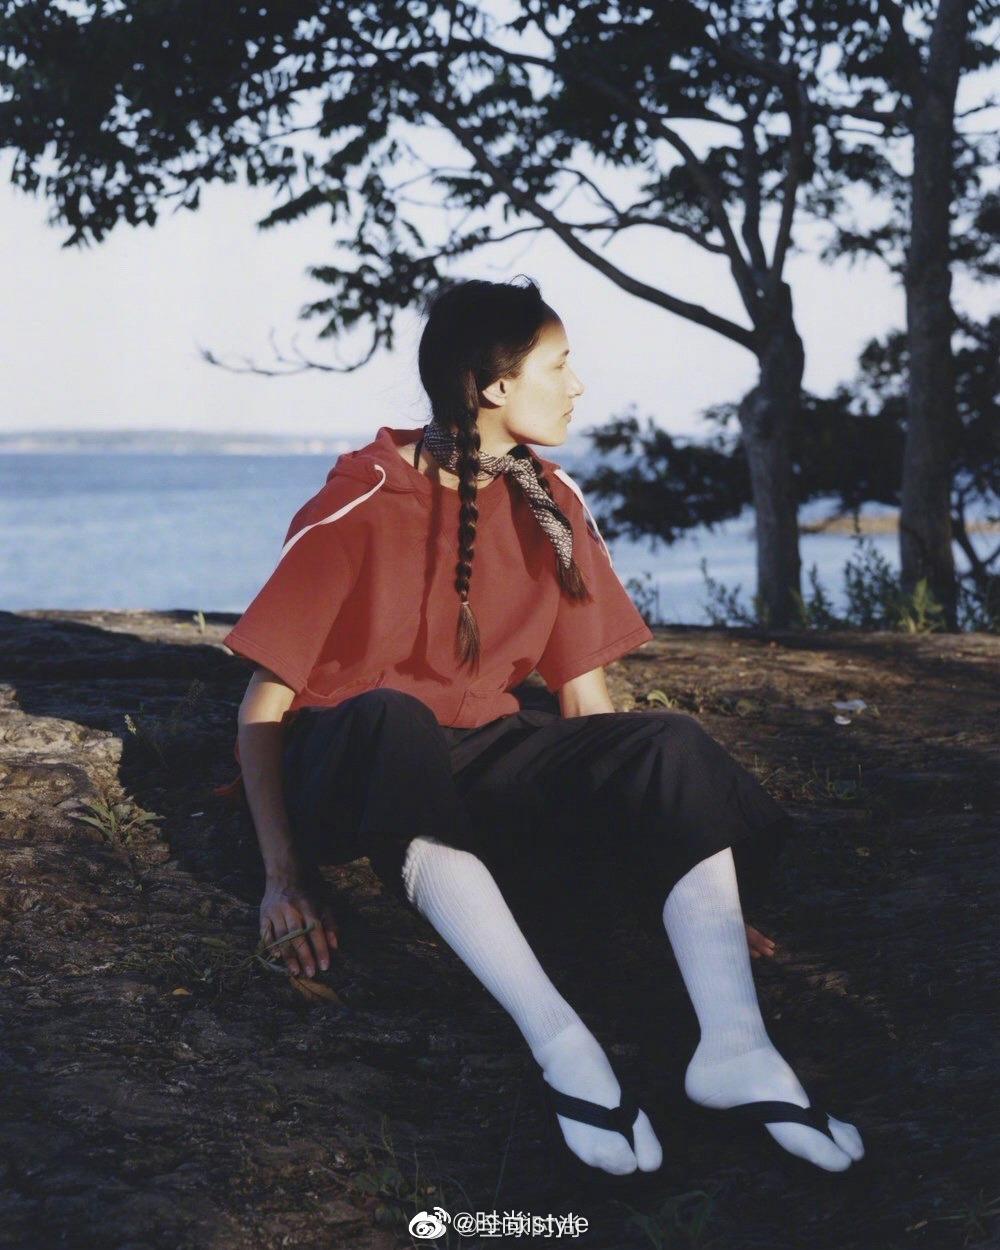 EASTLOGUE SS19 超自然系列 没有一丝修饰 从拍摄环境到服装到头发丝